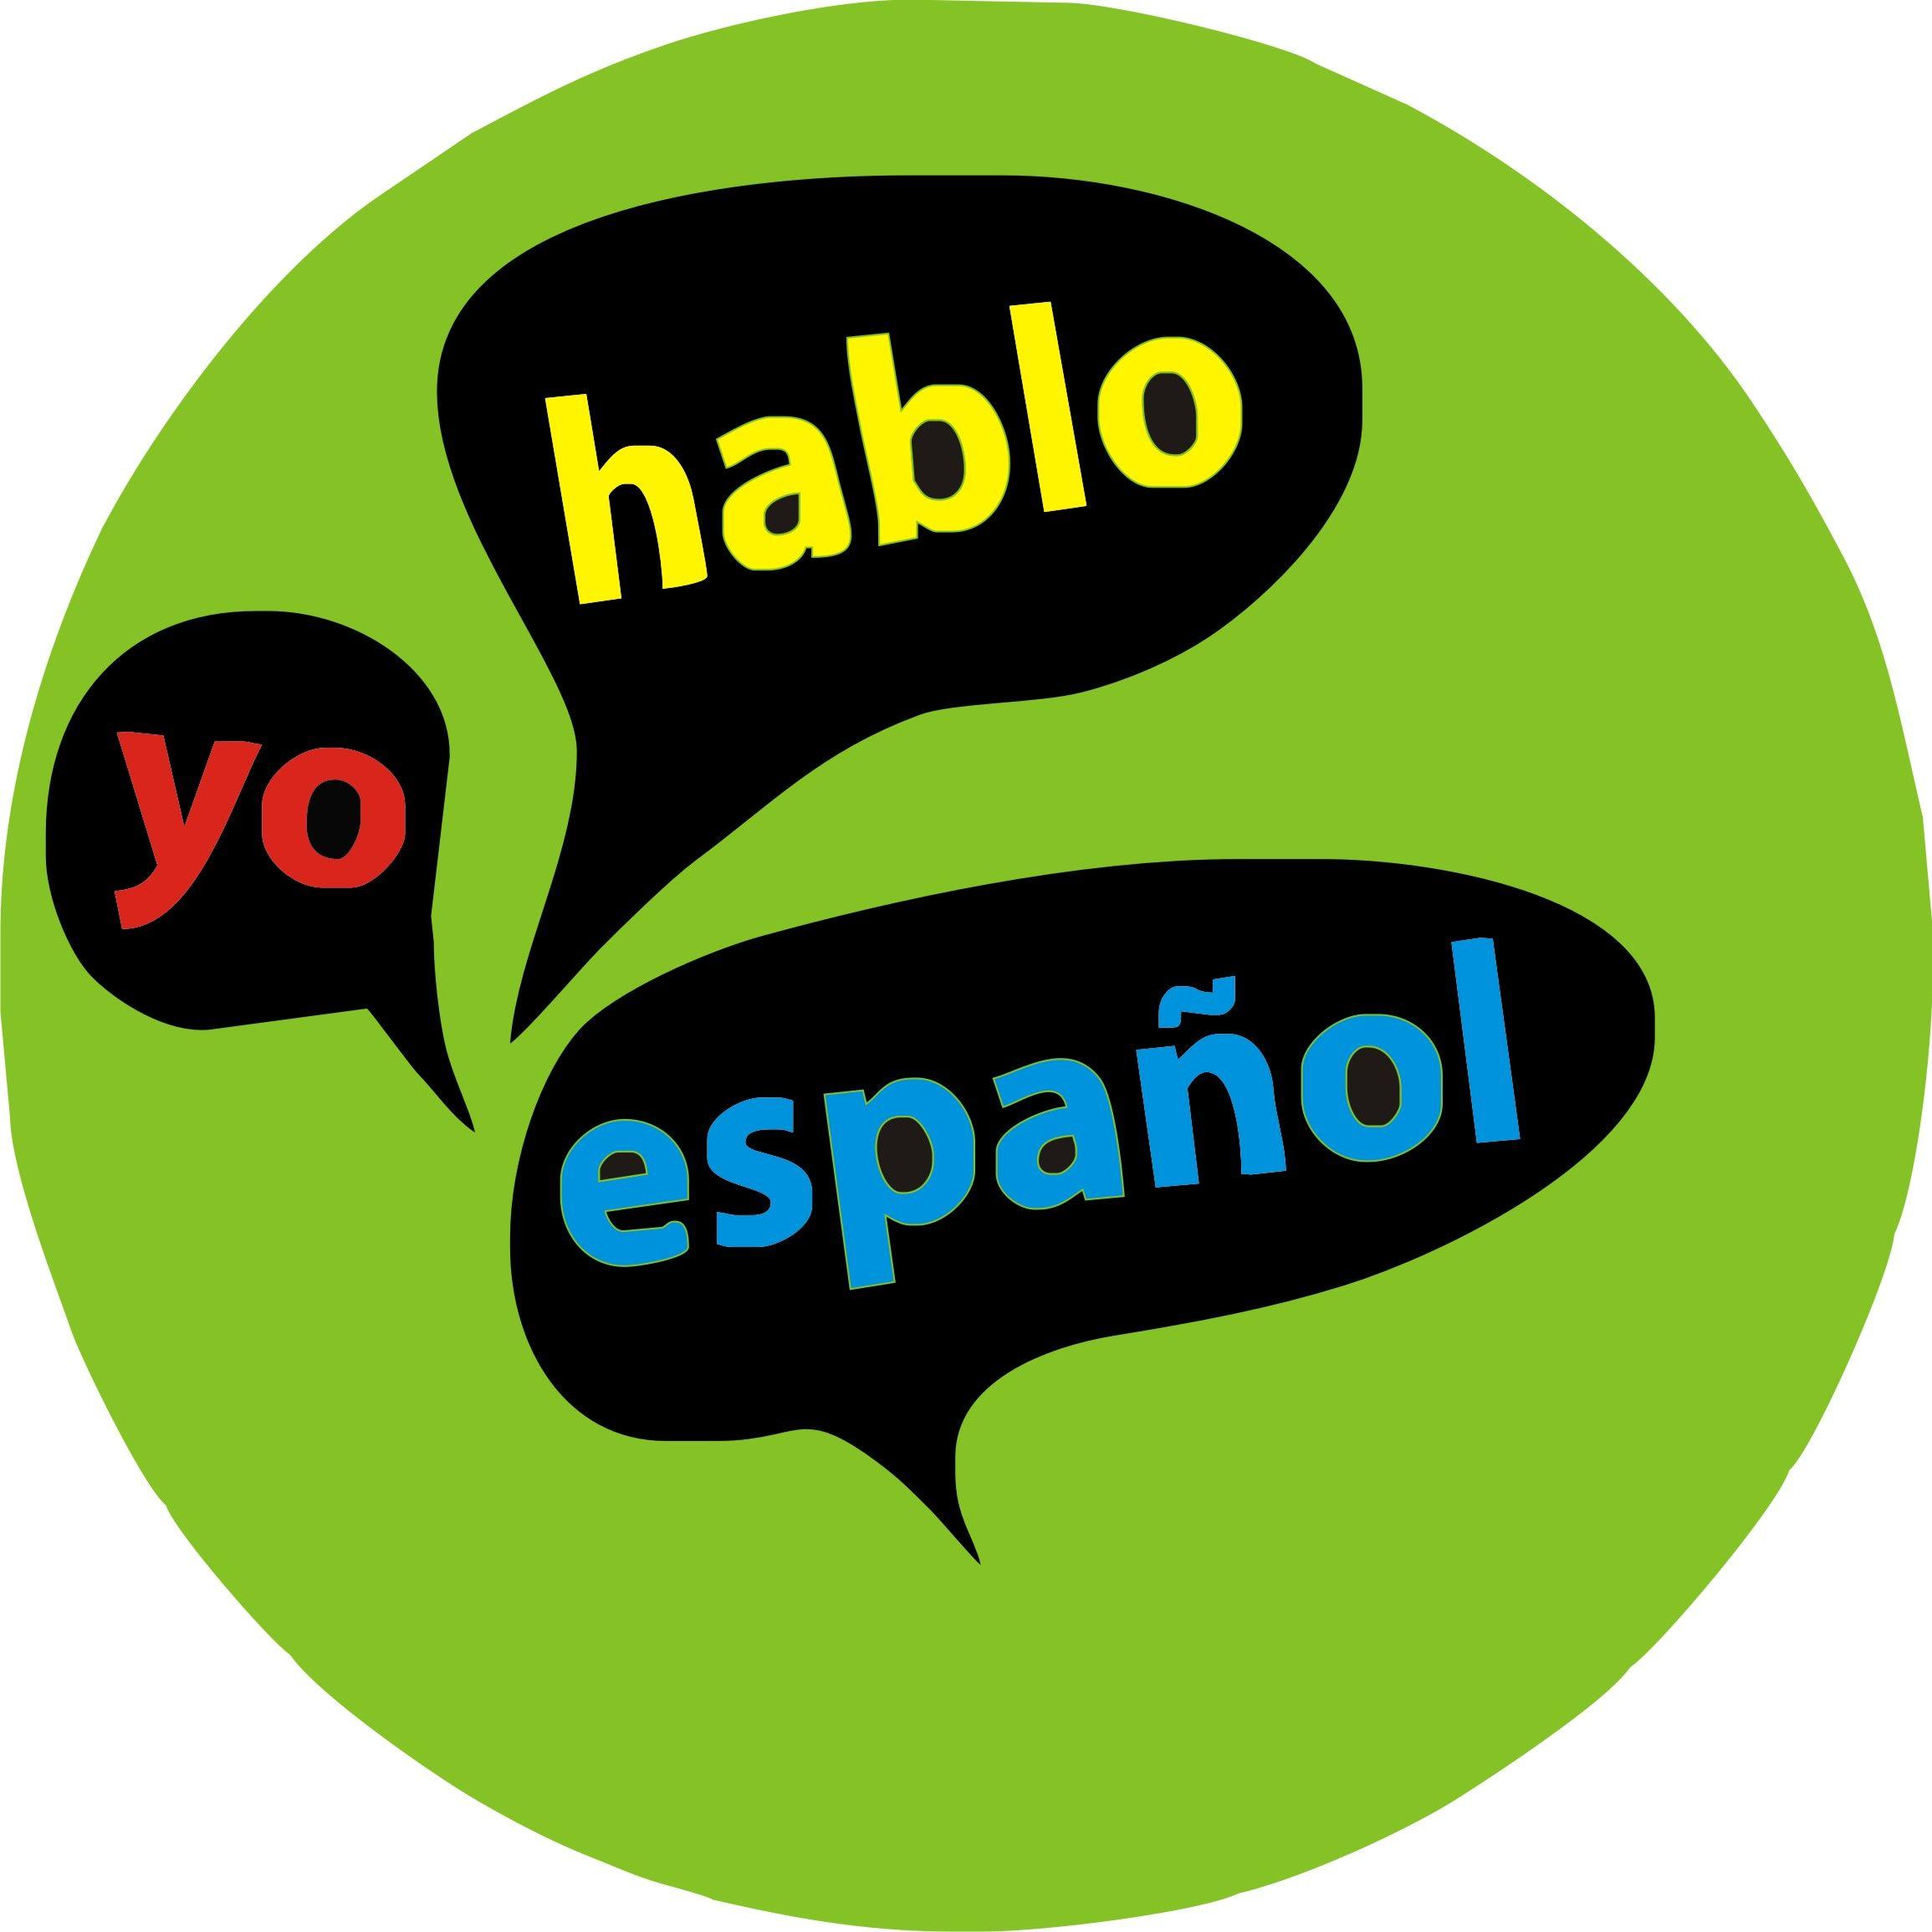 Yo hablo espanol clip art Transparent pictures on F.